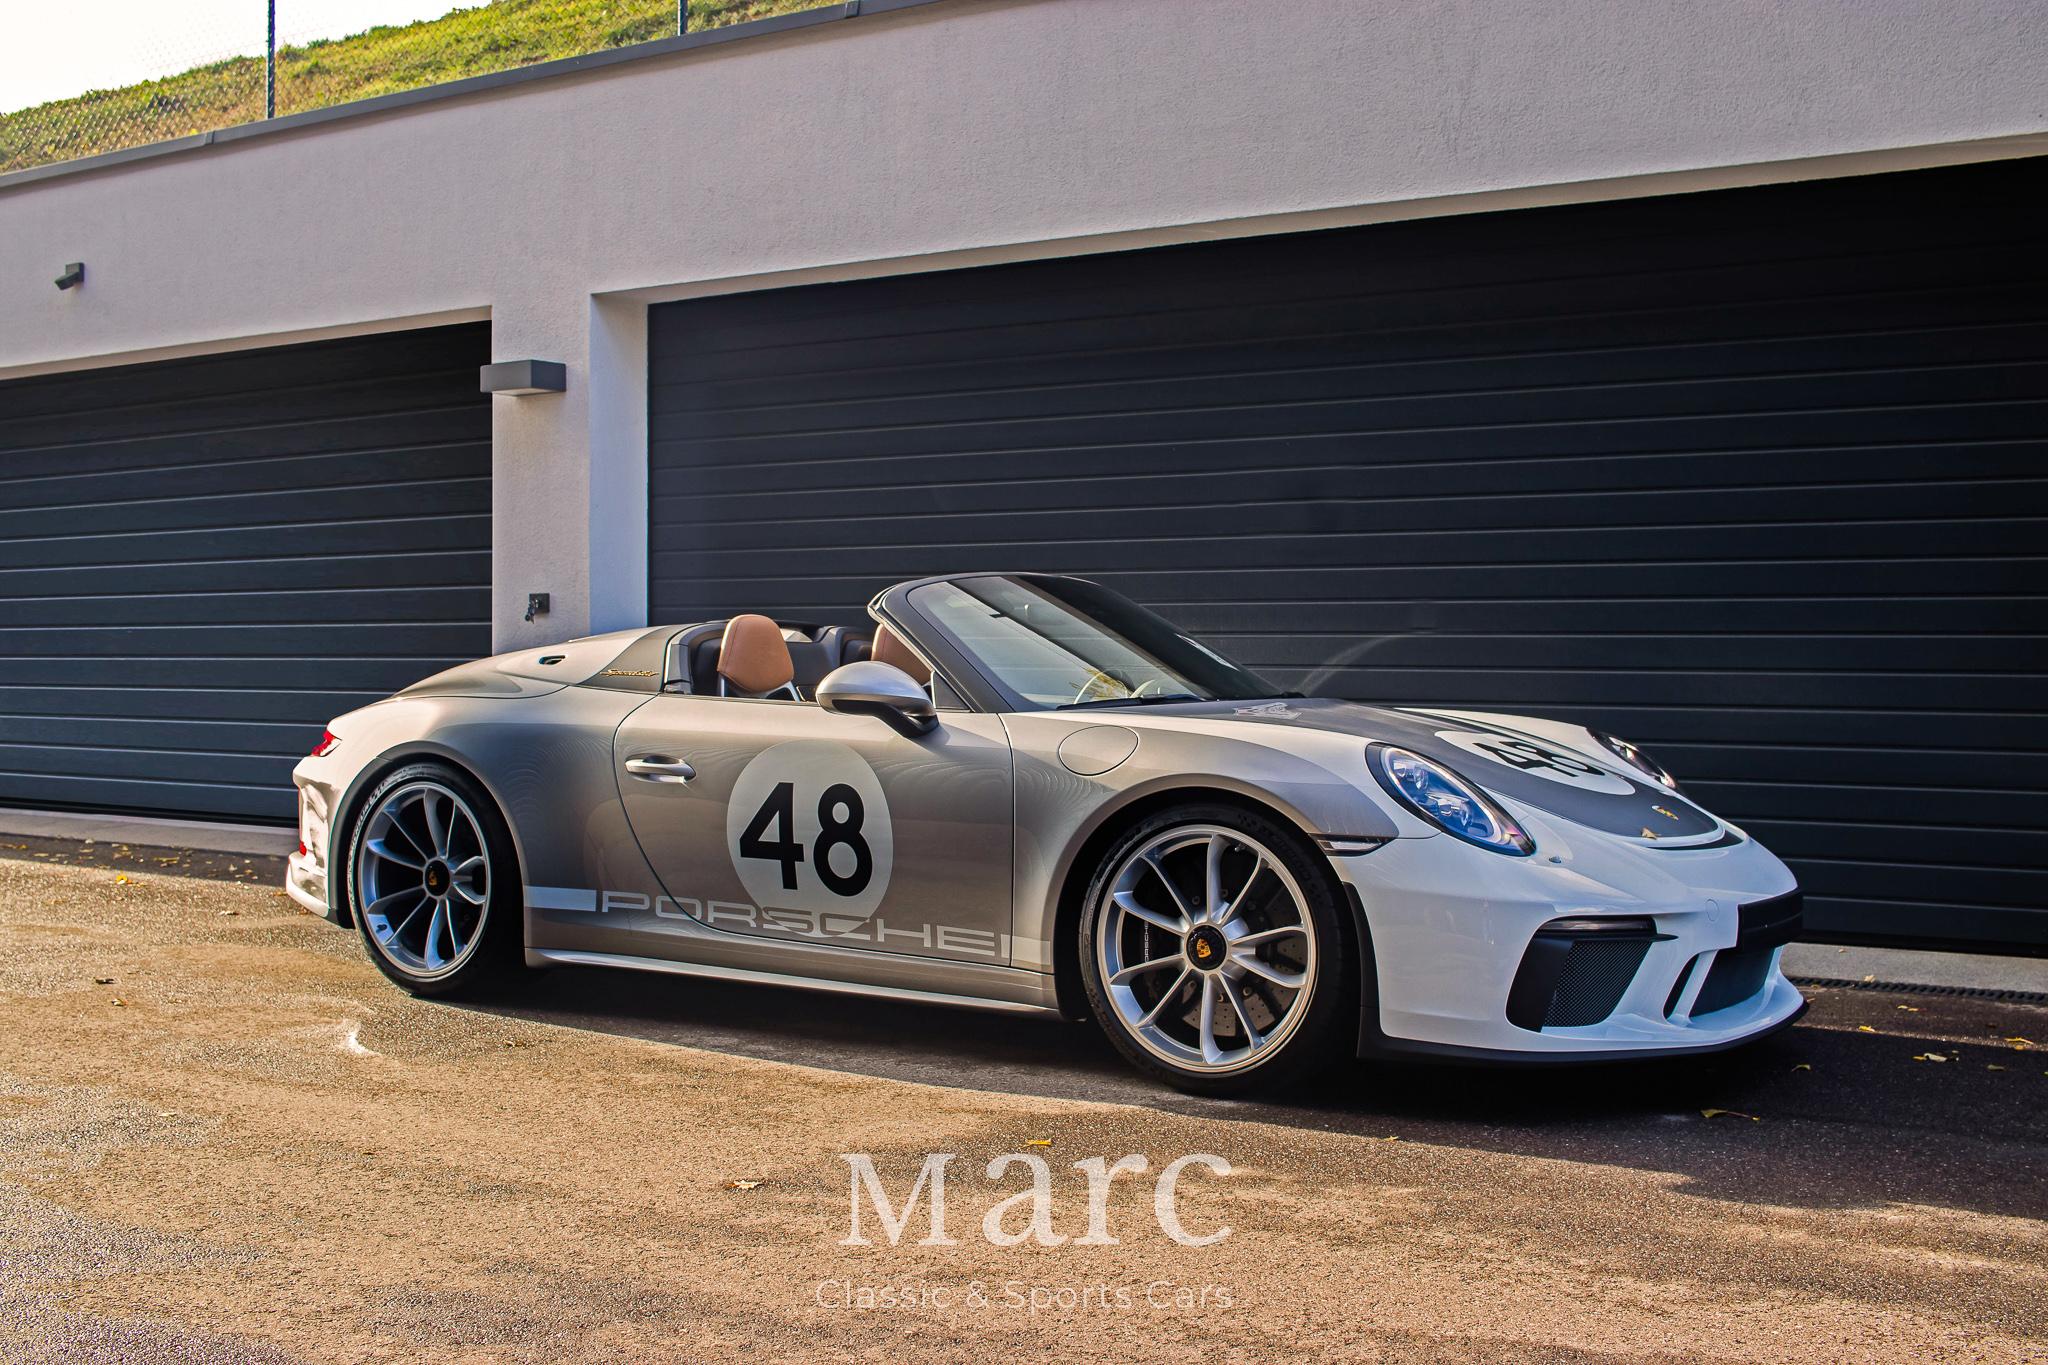 Porsche 991 bei marc sportscars